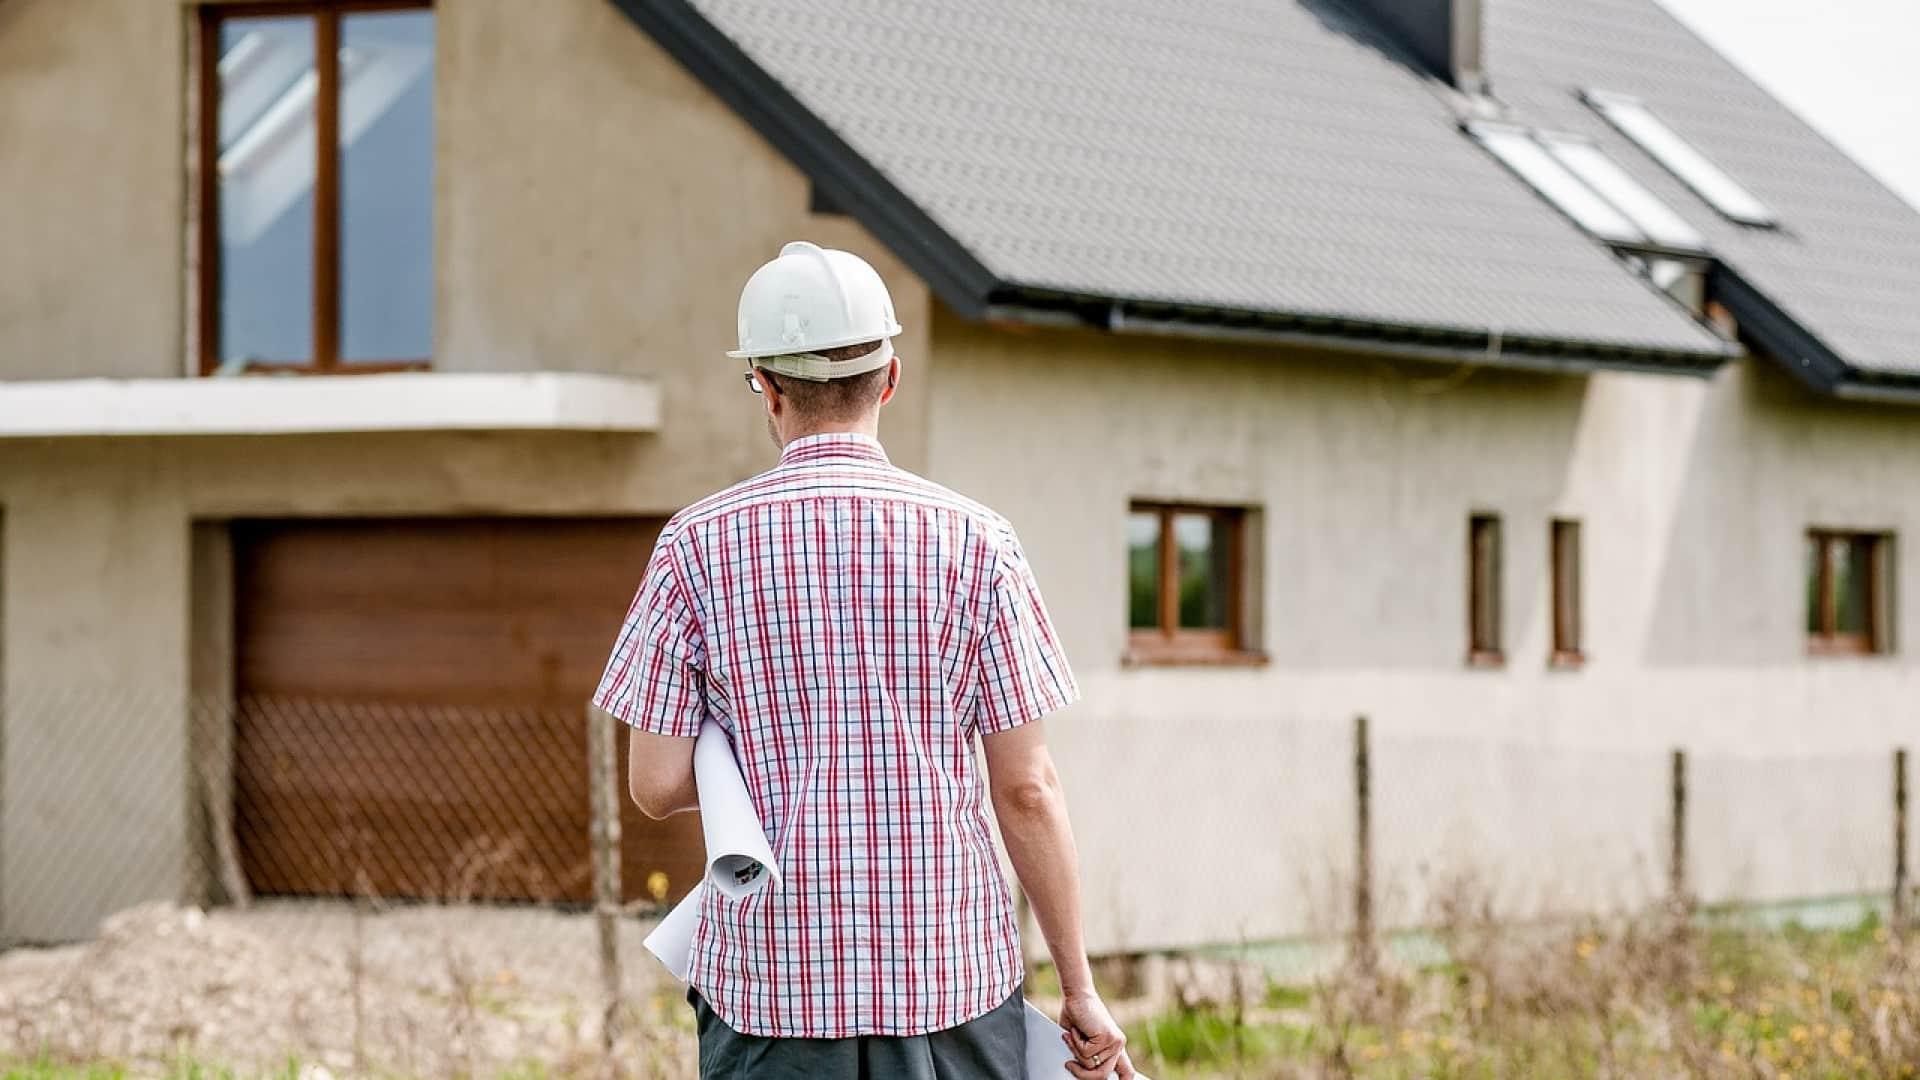 Quelles sont les étapes de construction de la maison ?